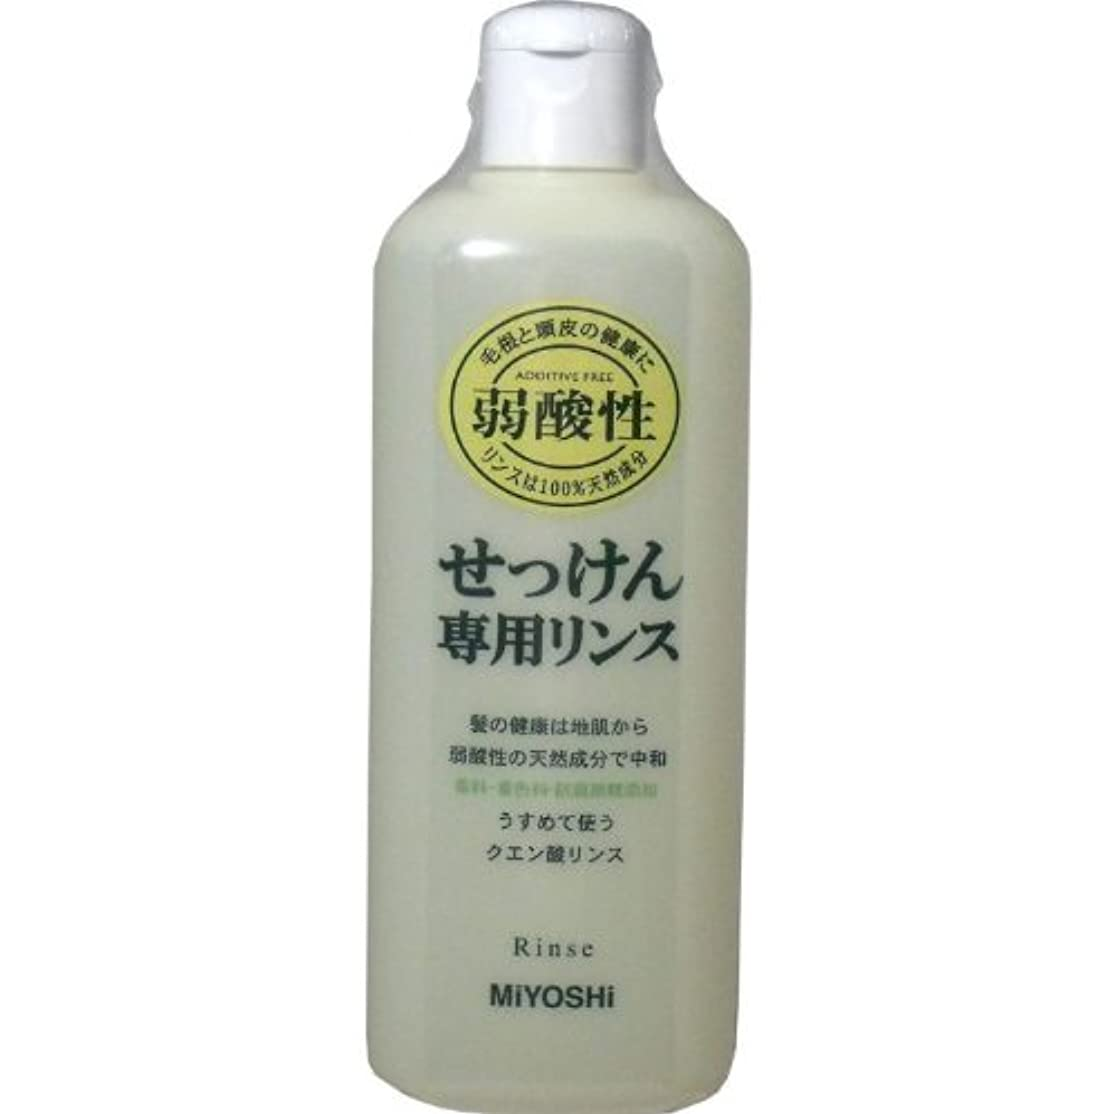 抽象巻き戻す暖炉髪の健康は地肌から、弱酸性の天然成分で中和!!香料、防腐剤、着色料無添加!うすめて使うクエン酸リンス!リンス 350mL【3個セット】